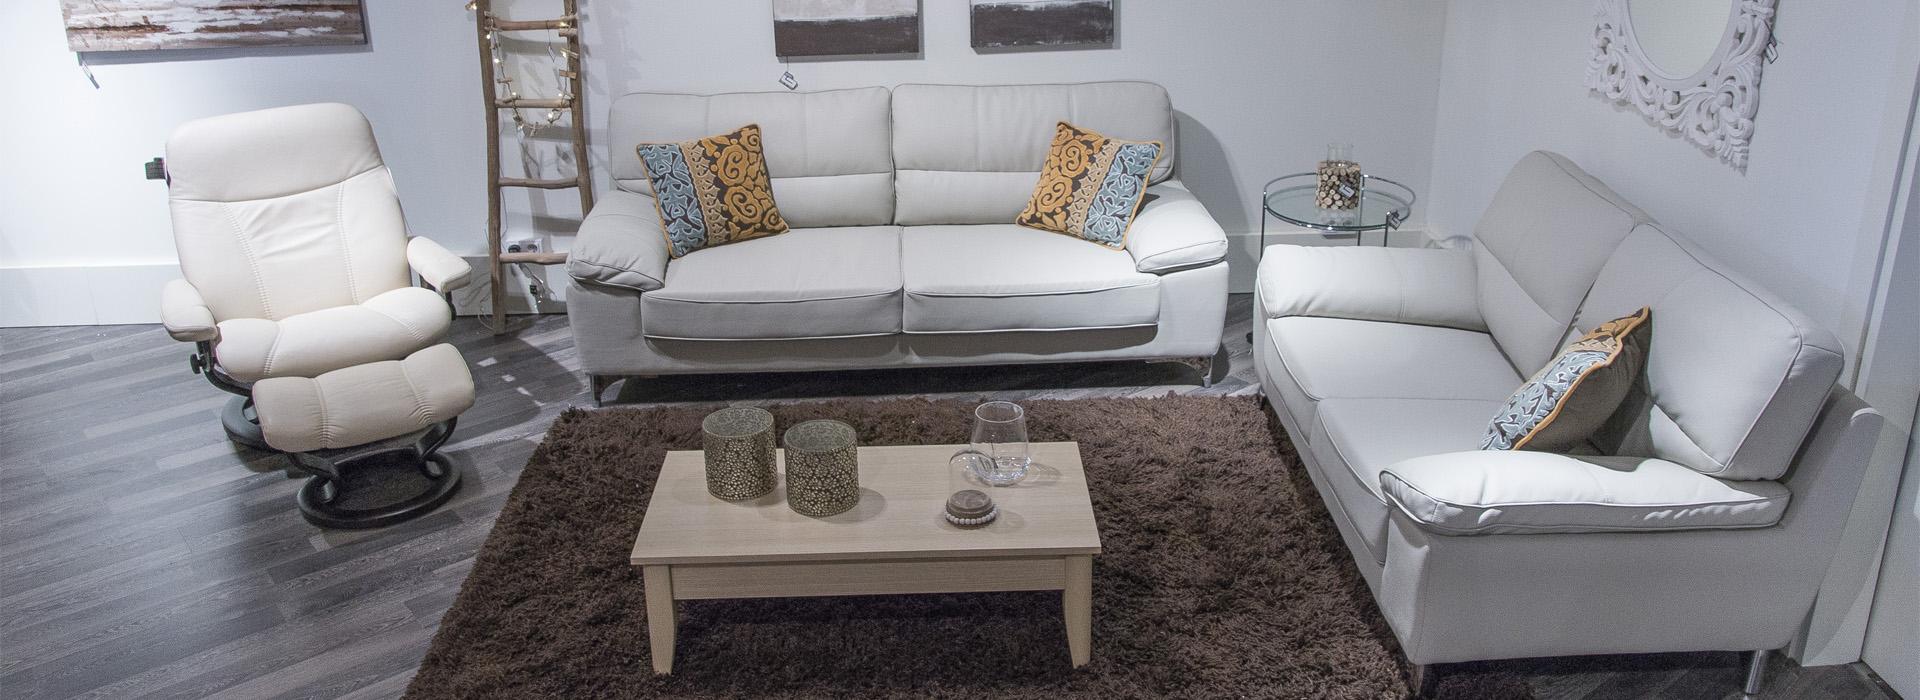 Blanco negro sof s de piel para salones minimalistas - Salones con sofa negro ...